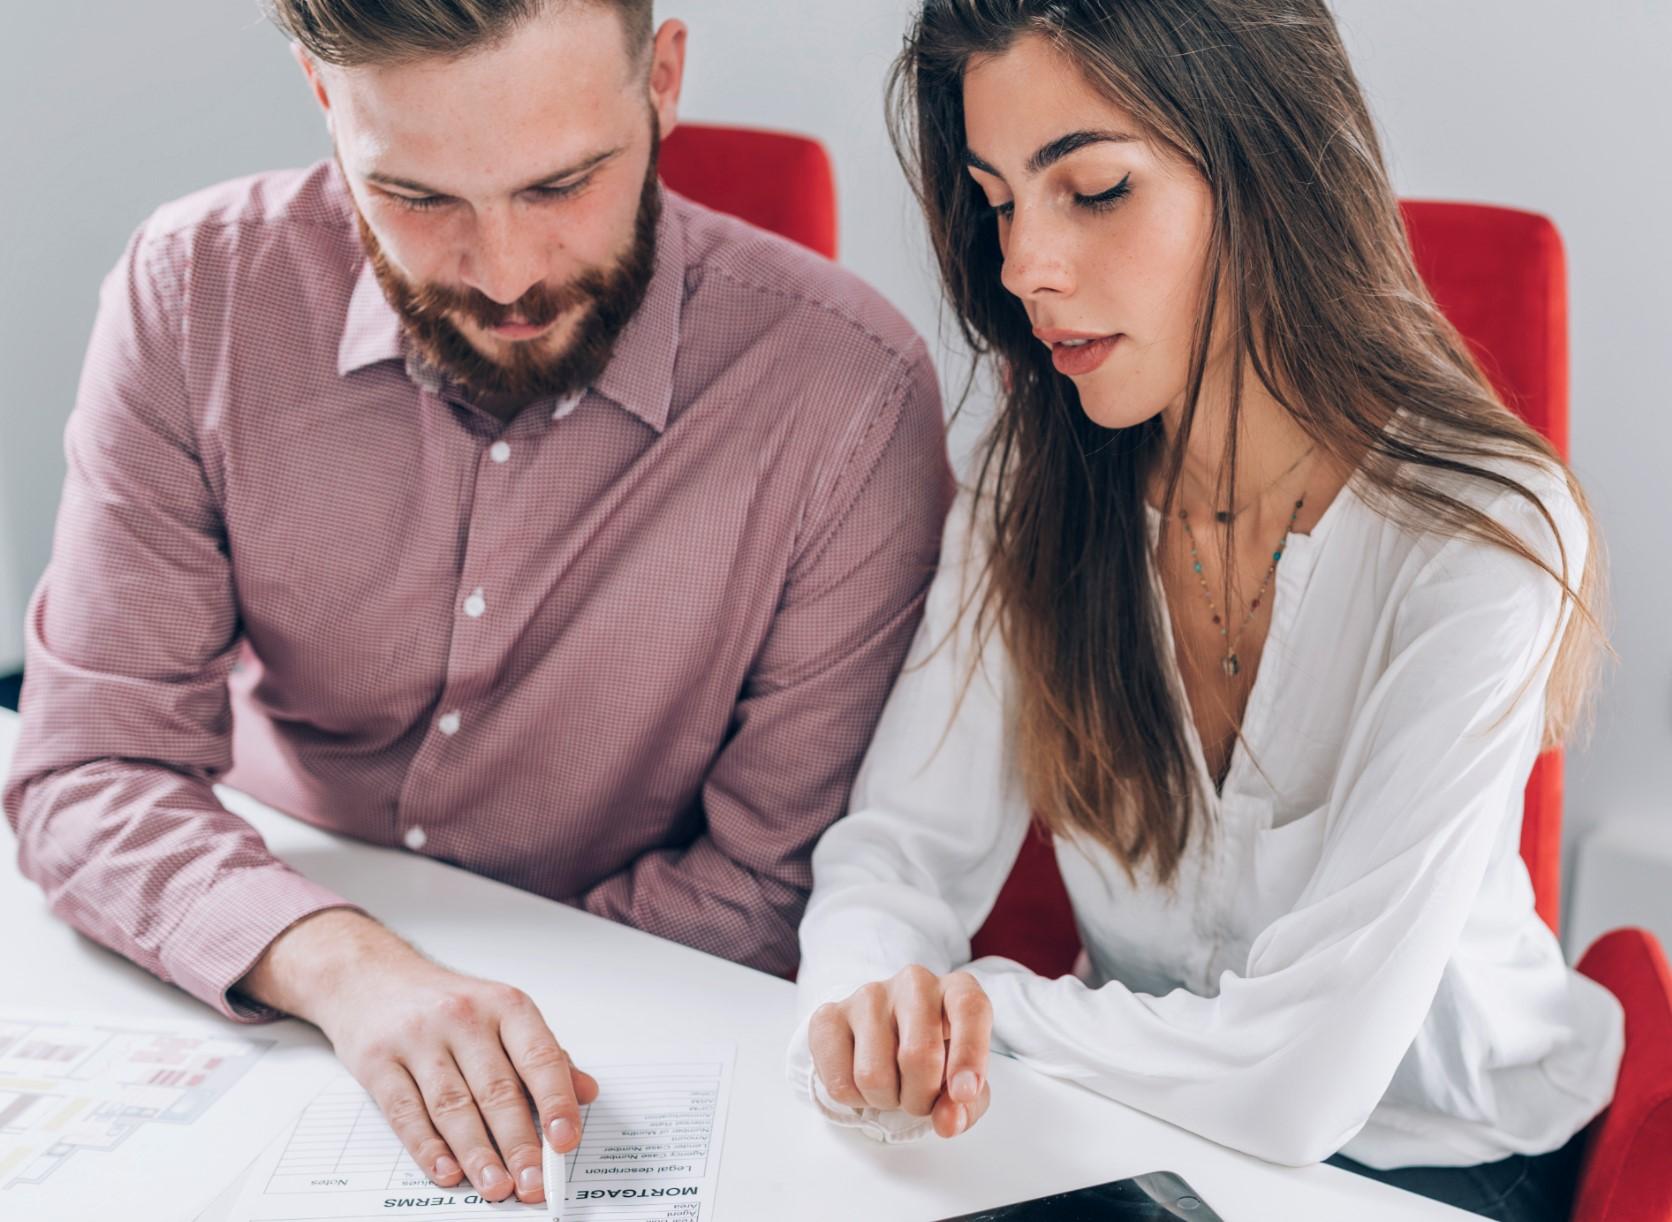 O consórcio é uma forma de financiar um bem de alto valor